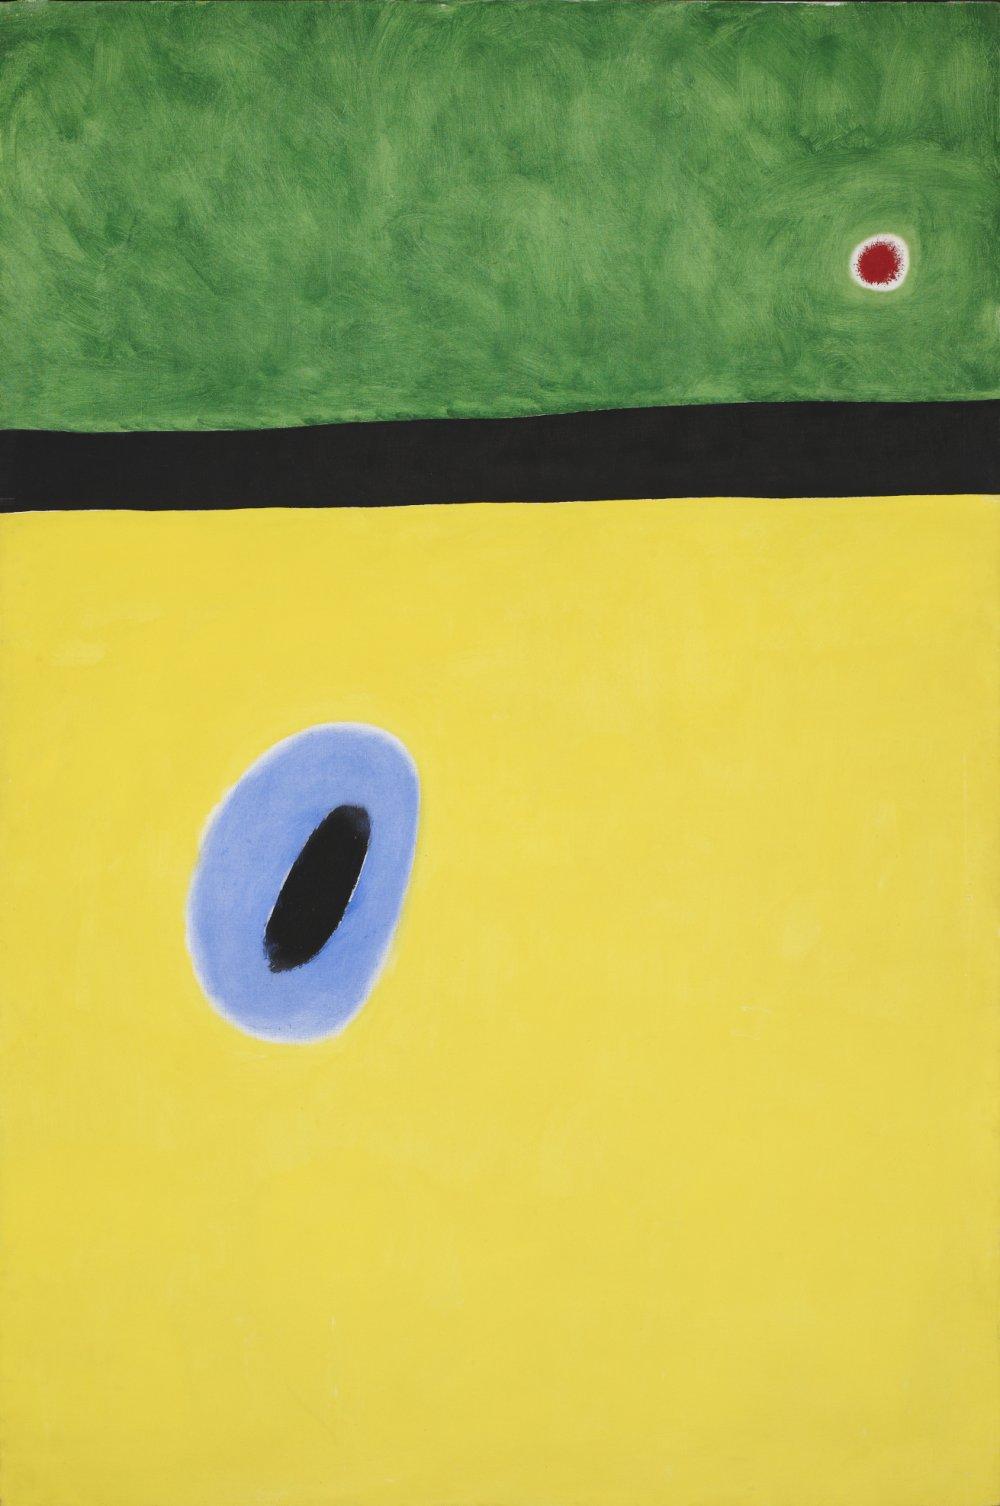 Joan Miró: El ala de la alondra aureolada de azul de oro llega al corazón de la amapola adormilada sobre el prado engalanado de diamantes (1967).